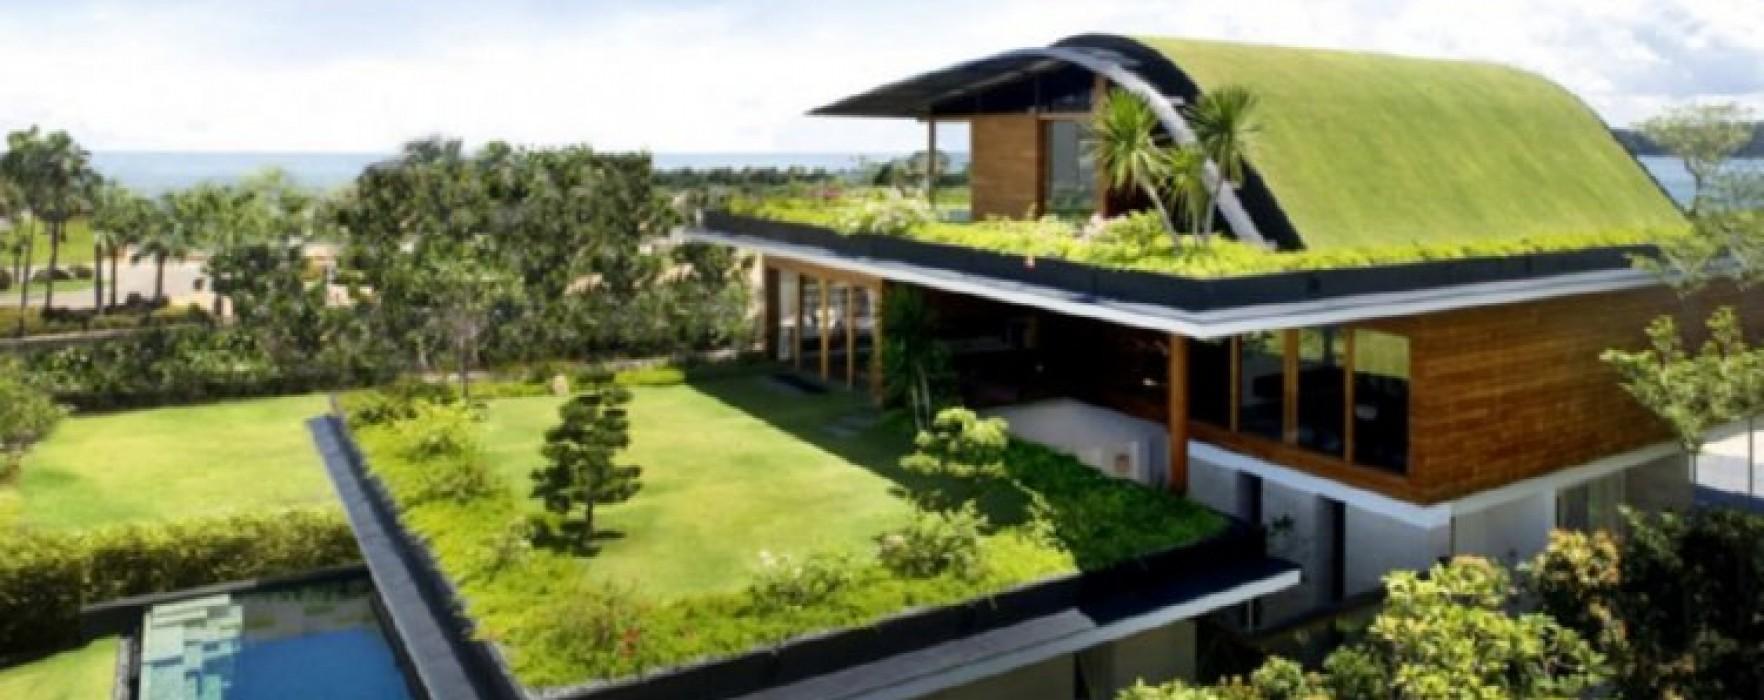 Tetti verdi e case in legno for Tetti di case moderne